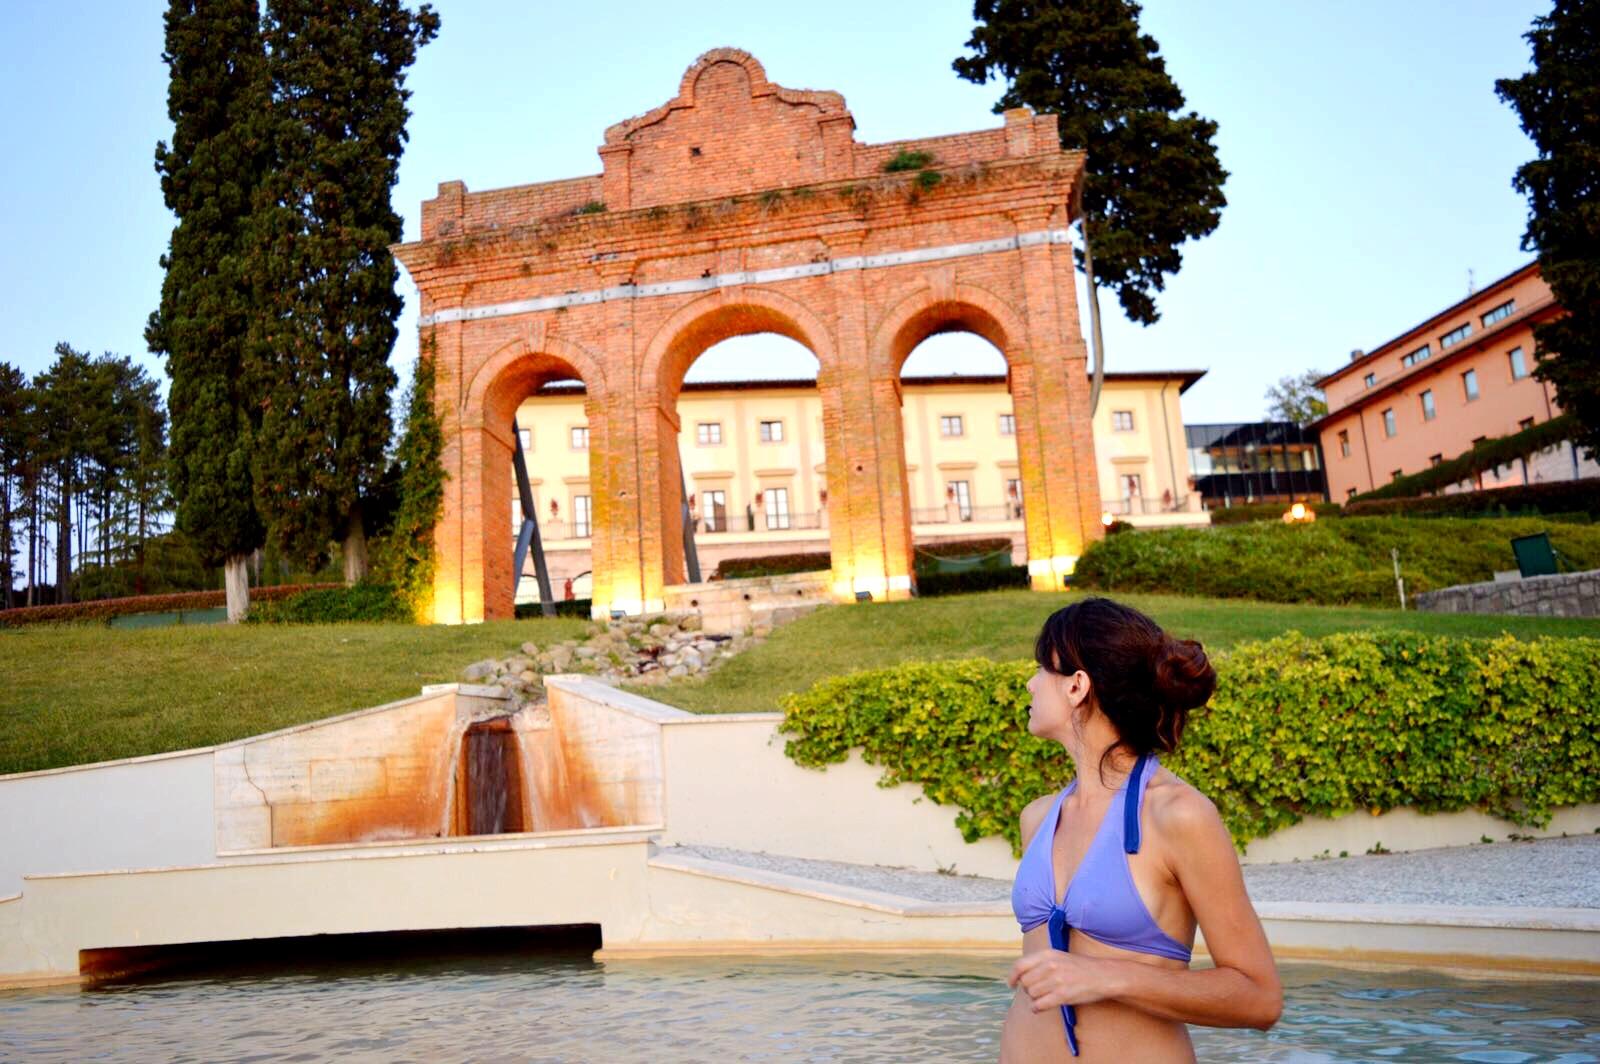 Posti particolari in Italia: luoghi da scoprire, vicini a te